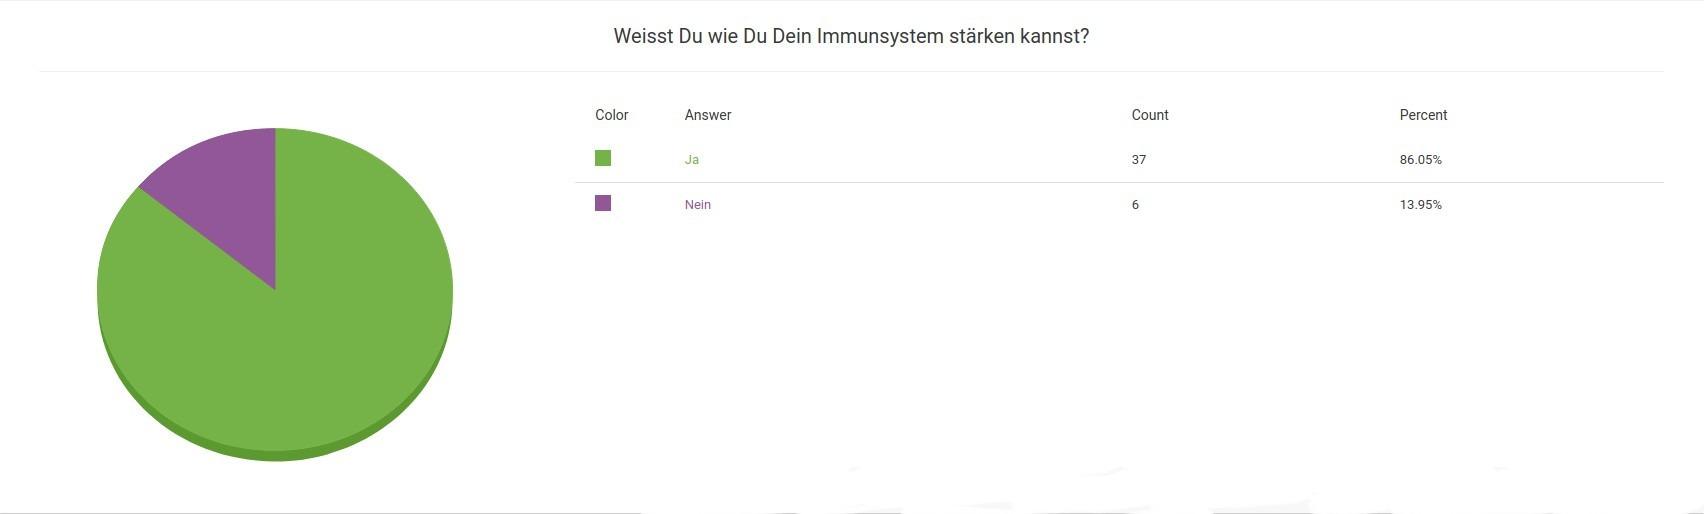 Umfrage Ergebnis Weisst du wie du dein Immunsystem stärken kannst